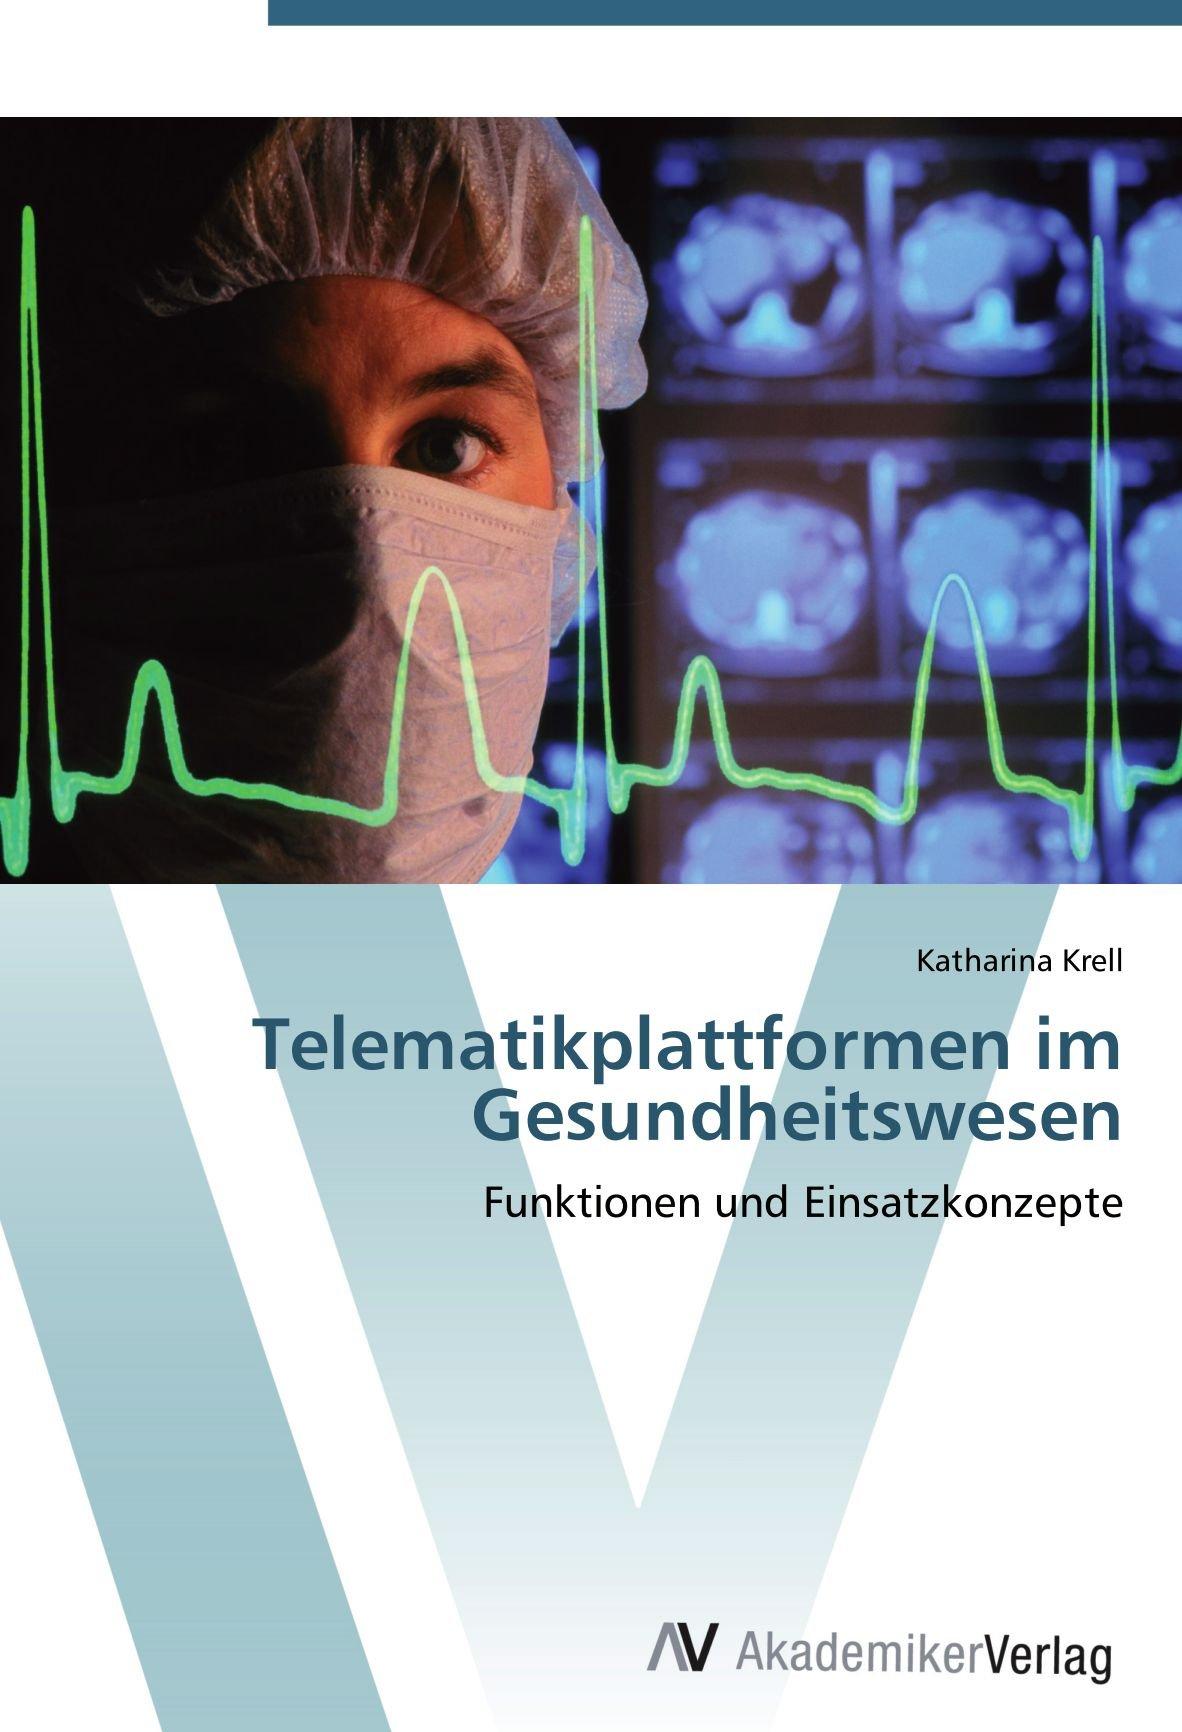 Telematikplattformen im Gesundheitswesen: Funktionen und Einsatzkonzepte (German Edition) ebook